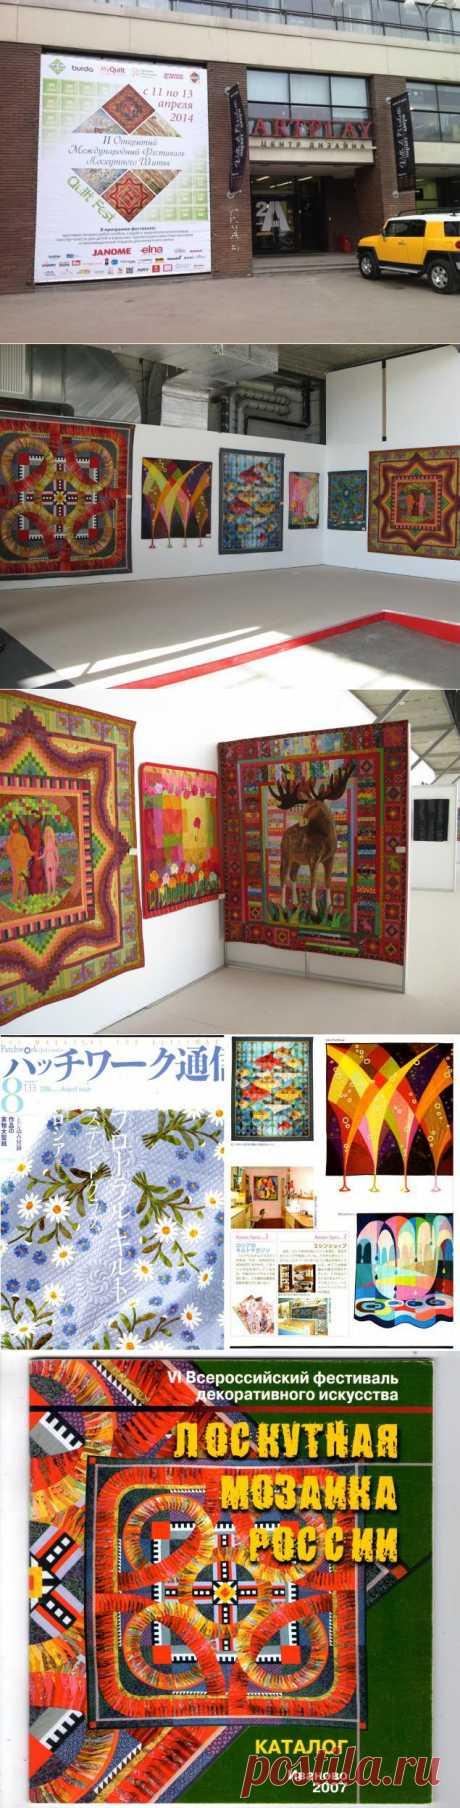 Фото с моей персональной выставки - Ярмарка Мастеров - ручная работа, handmade